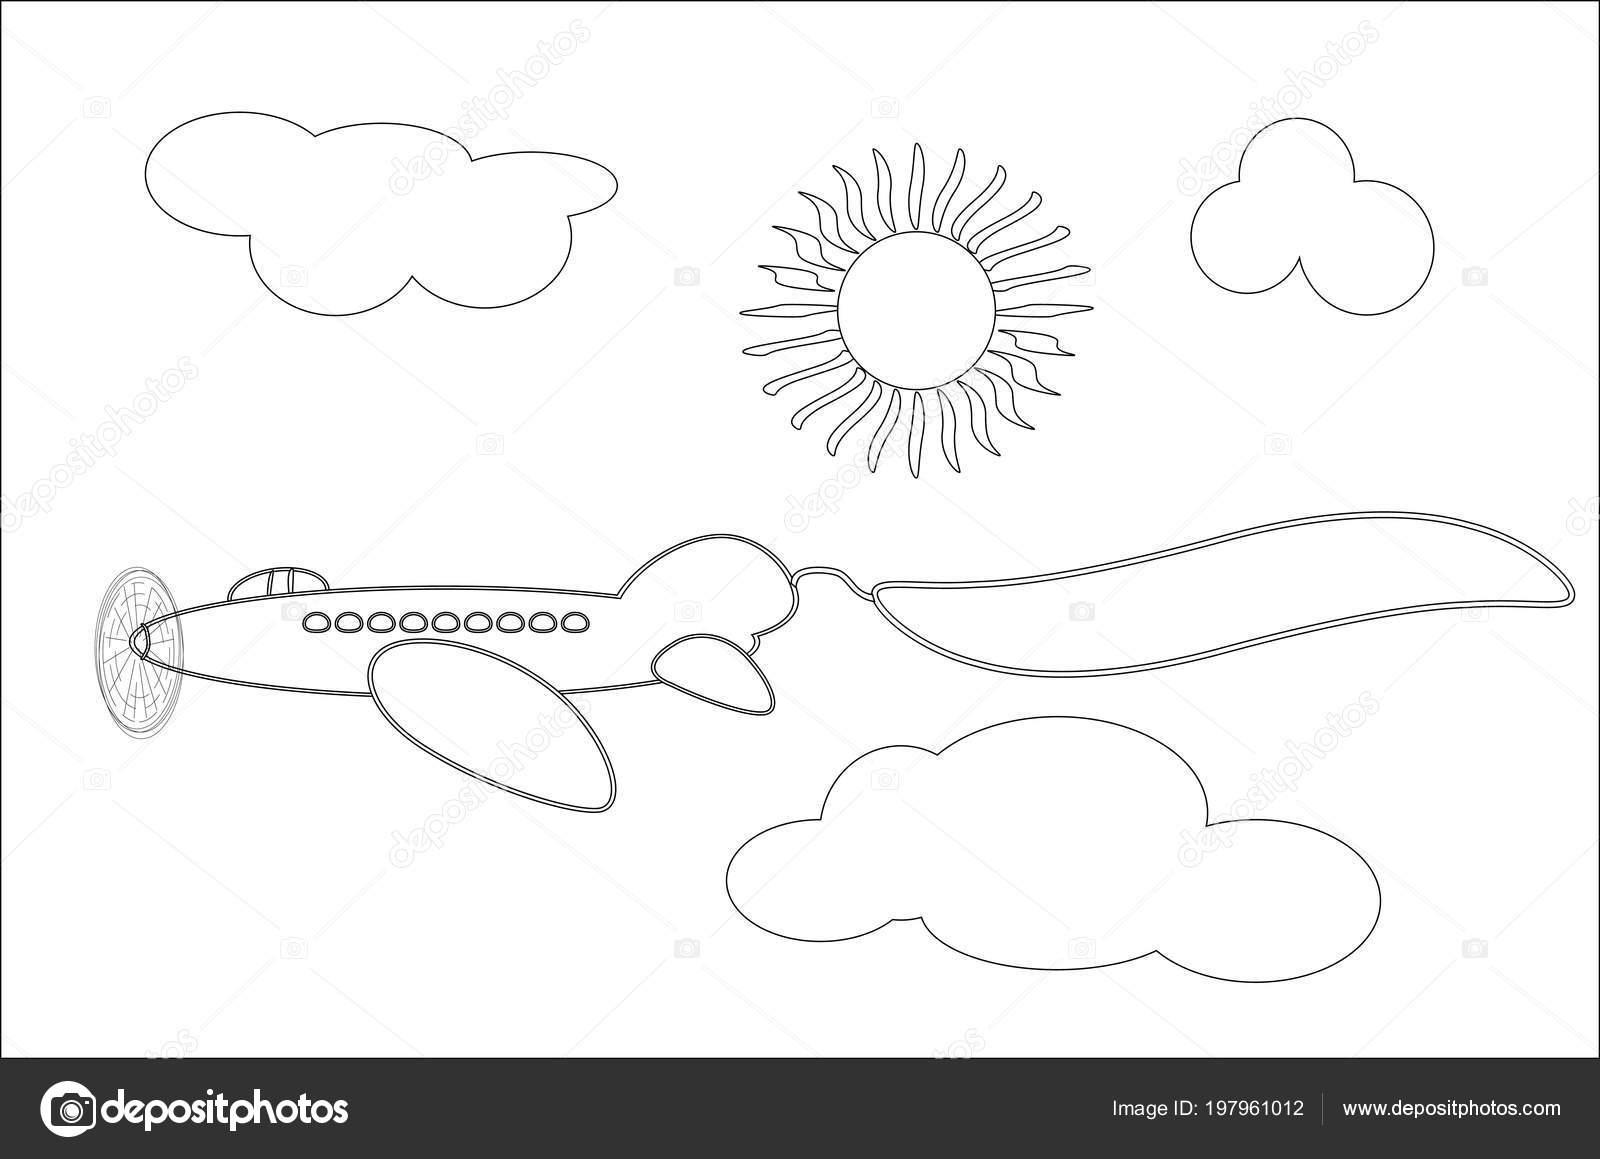 Hava Uçak Siyah Beyaz çizgi Film Vektör çizim Boyama Kitabı Stok